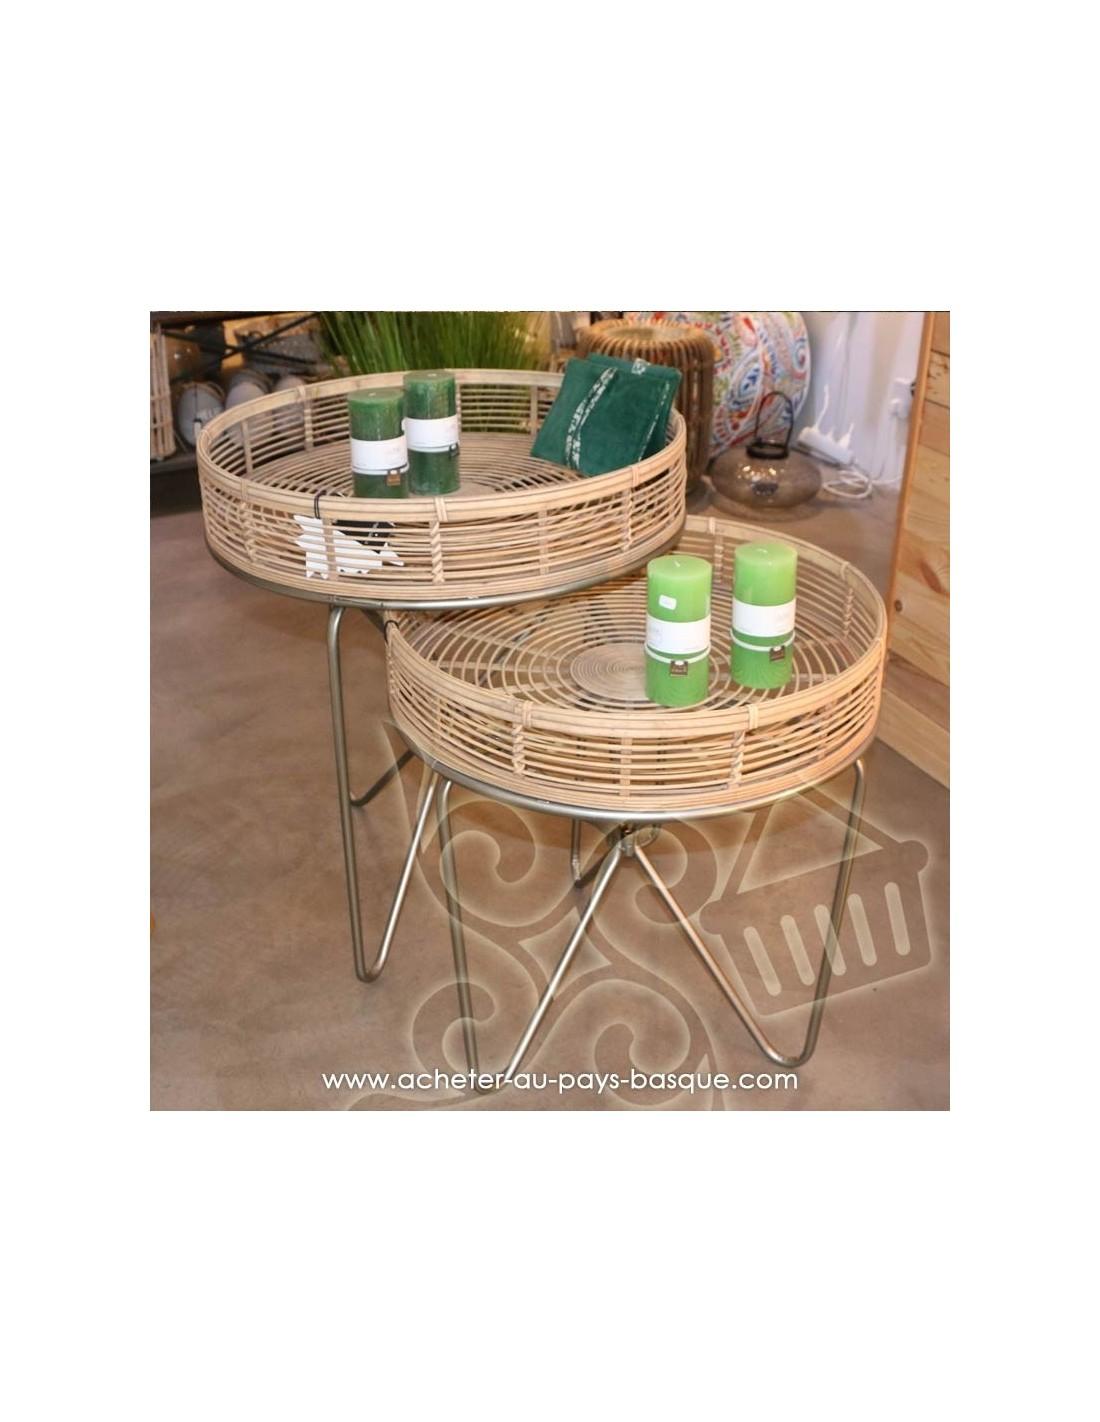 Basse Biarritz Table Bambou Boutique Sage Bois Ronde Pas Déco reBdxCoW